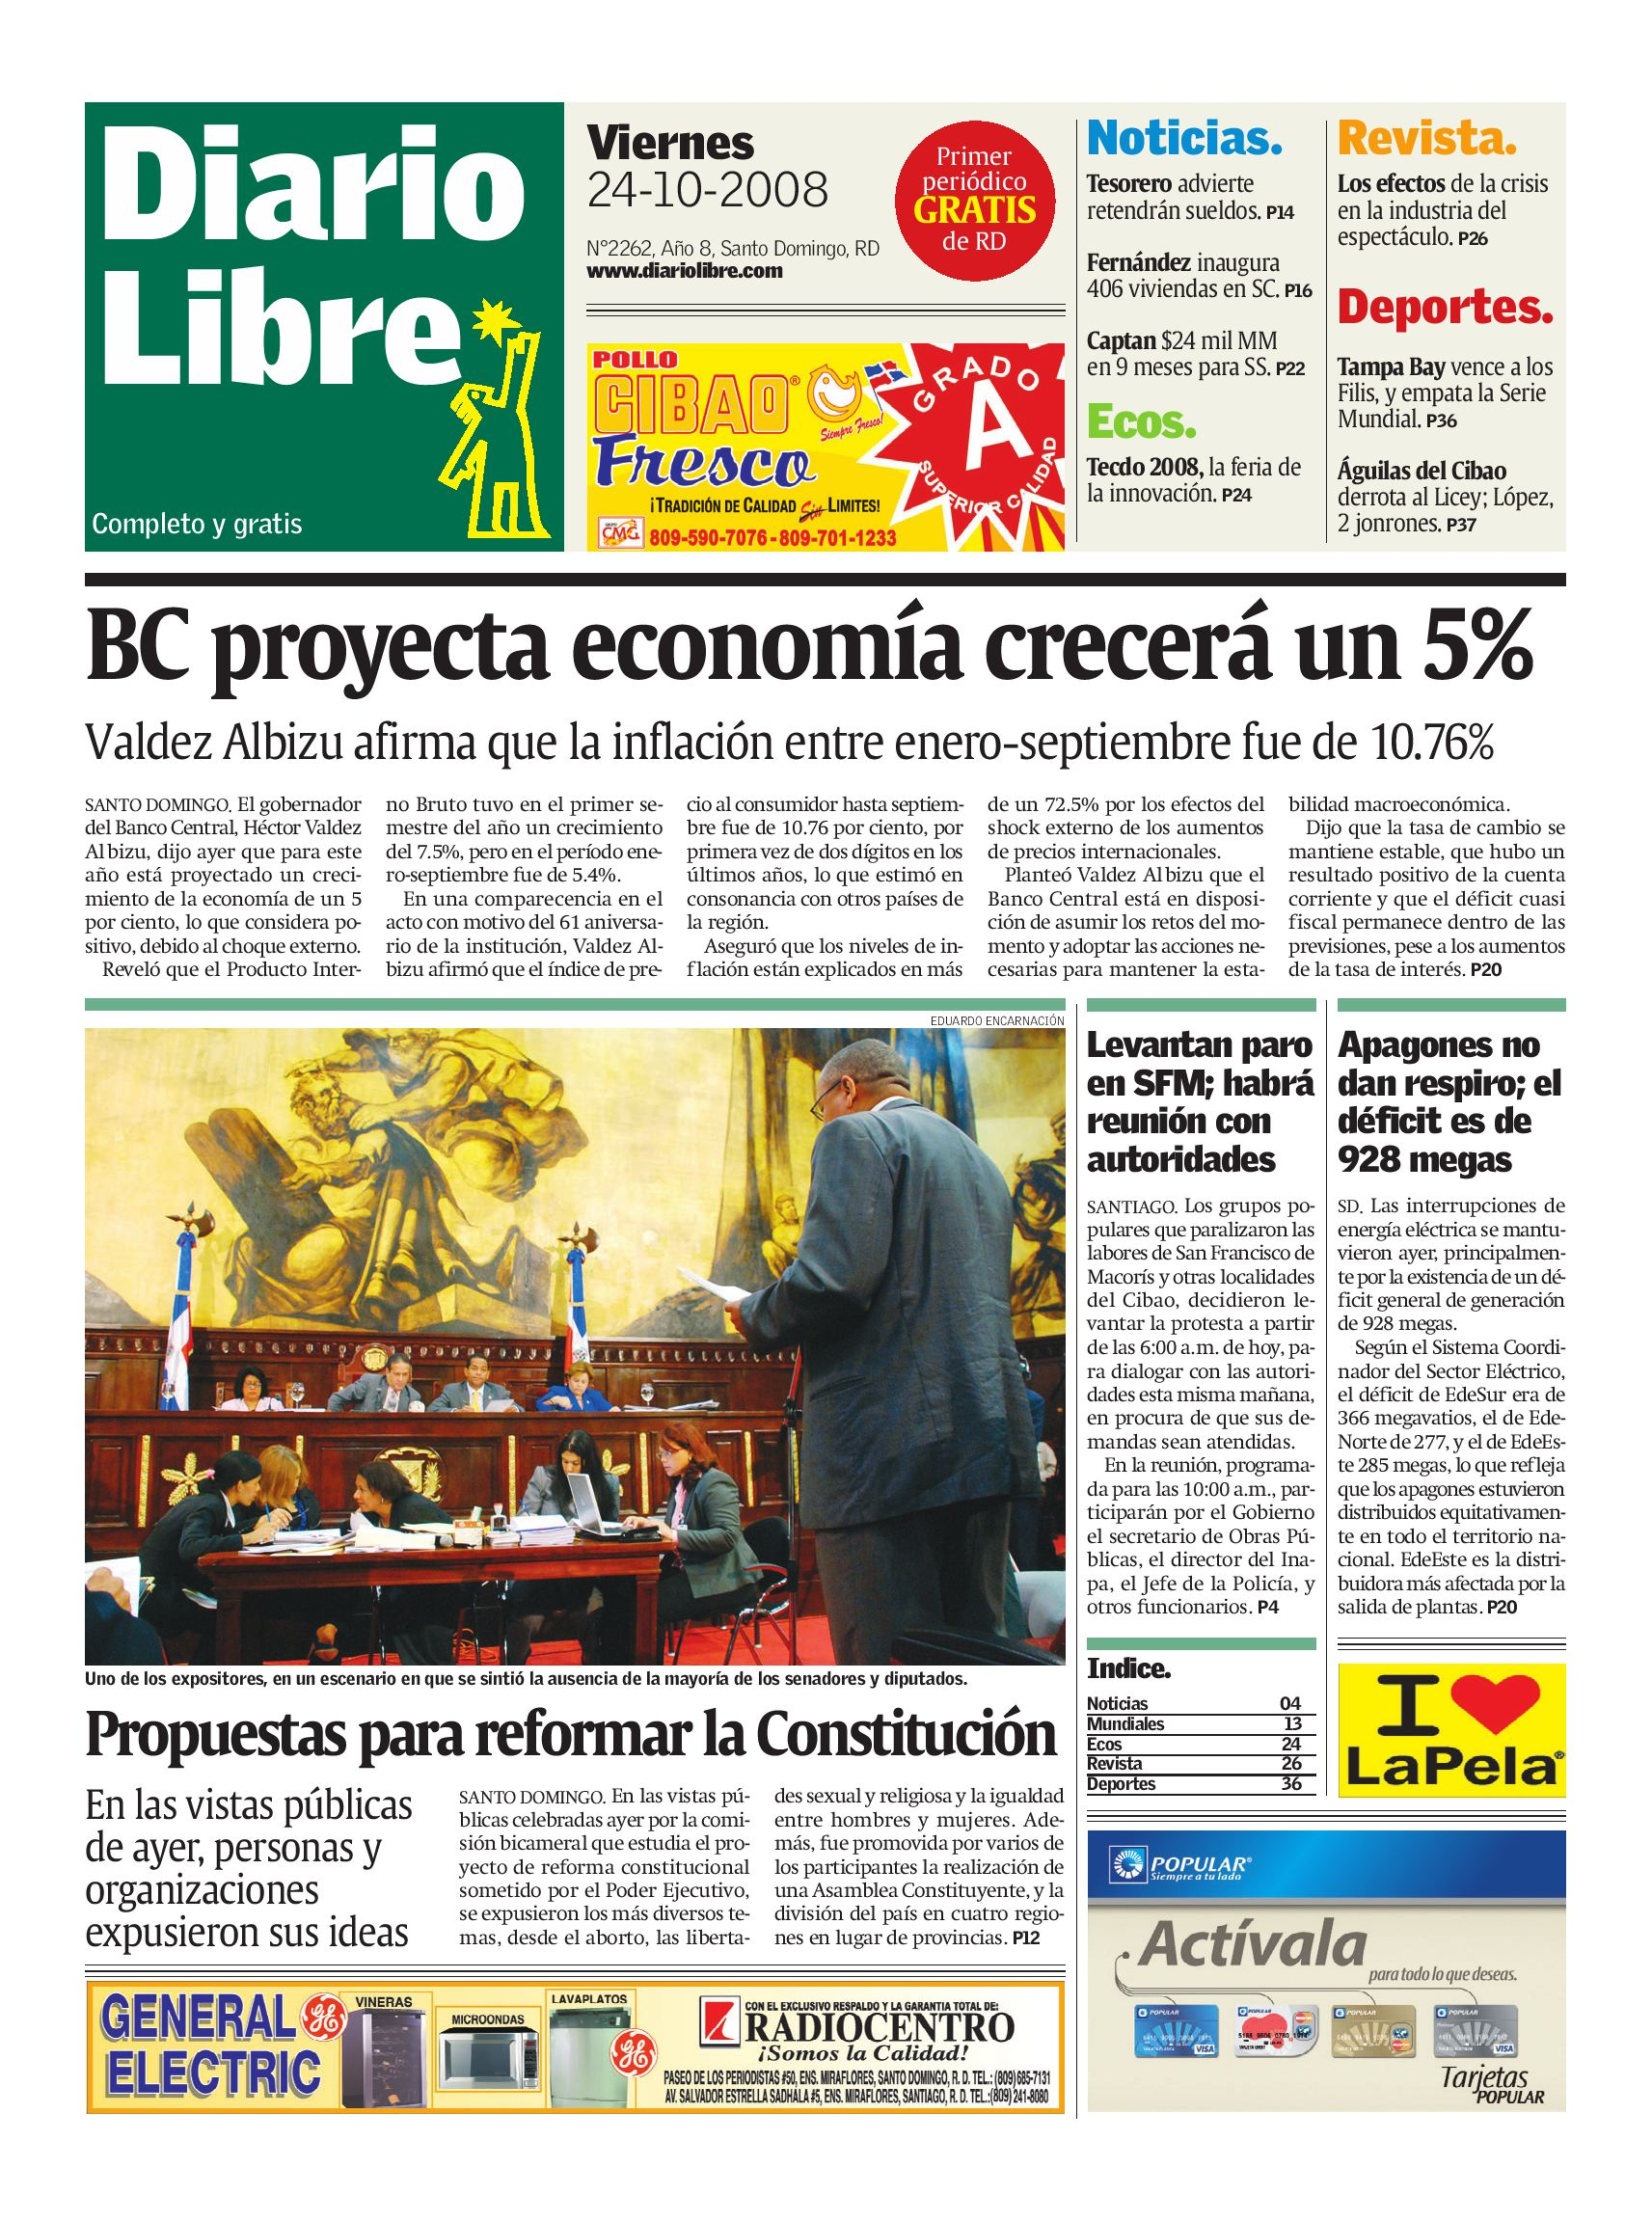 diariolibre2262 by Grupo Diario Libre, S. A. - issuu